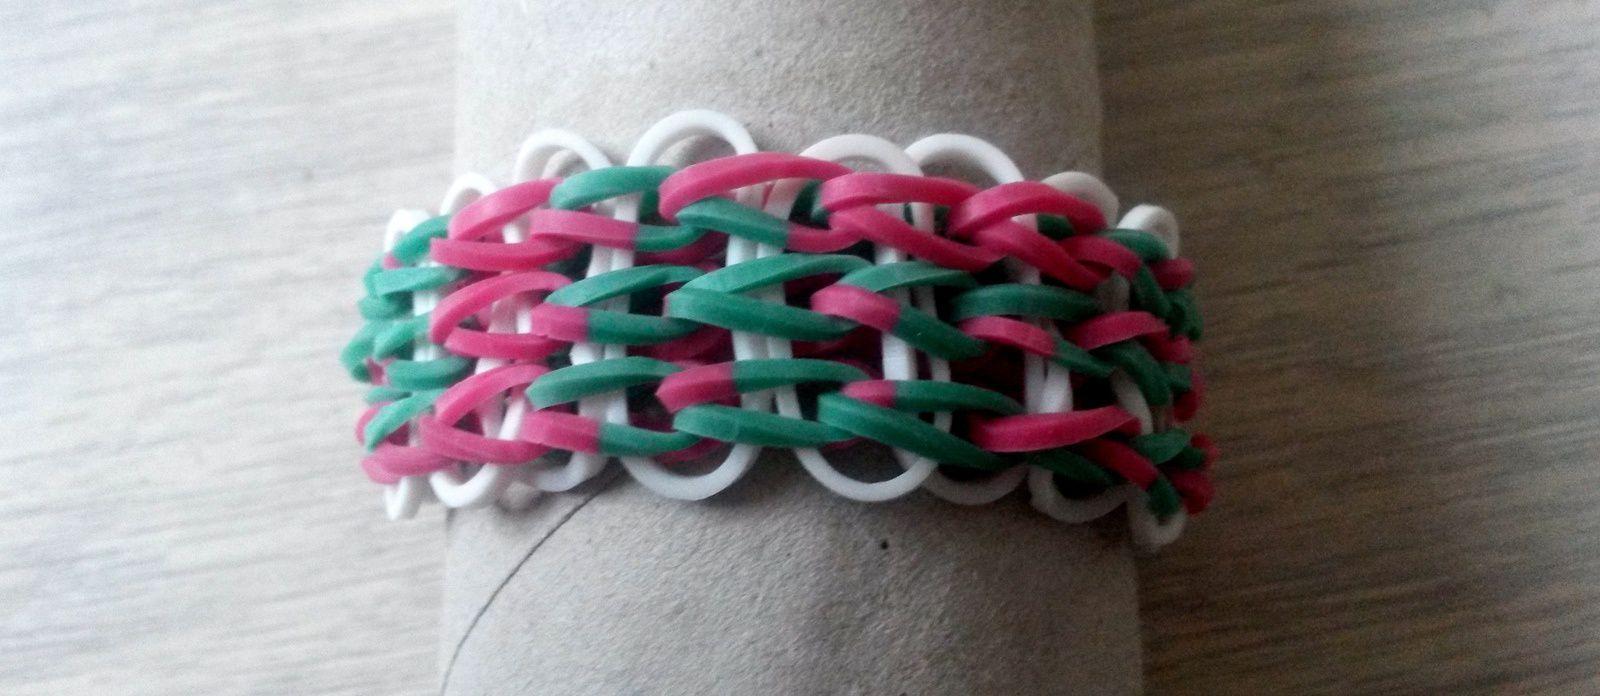 Bracelet aux couleurs du drapeau basque.